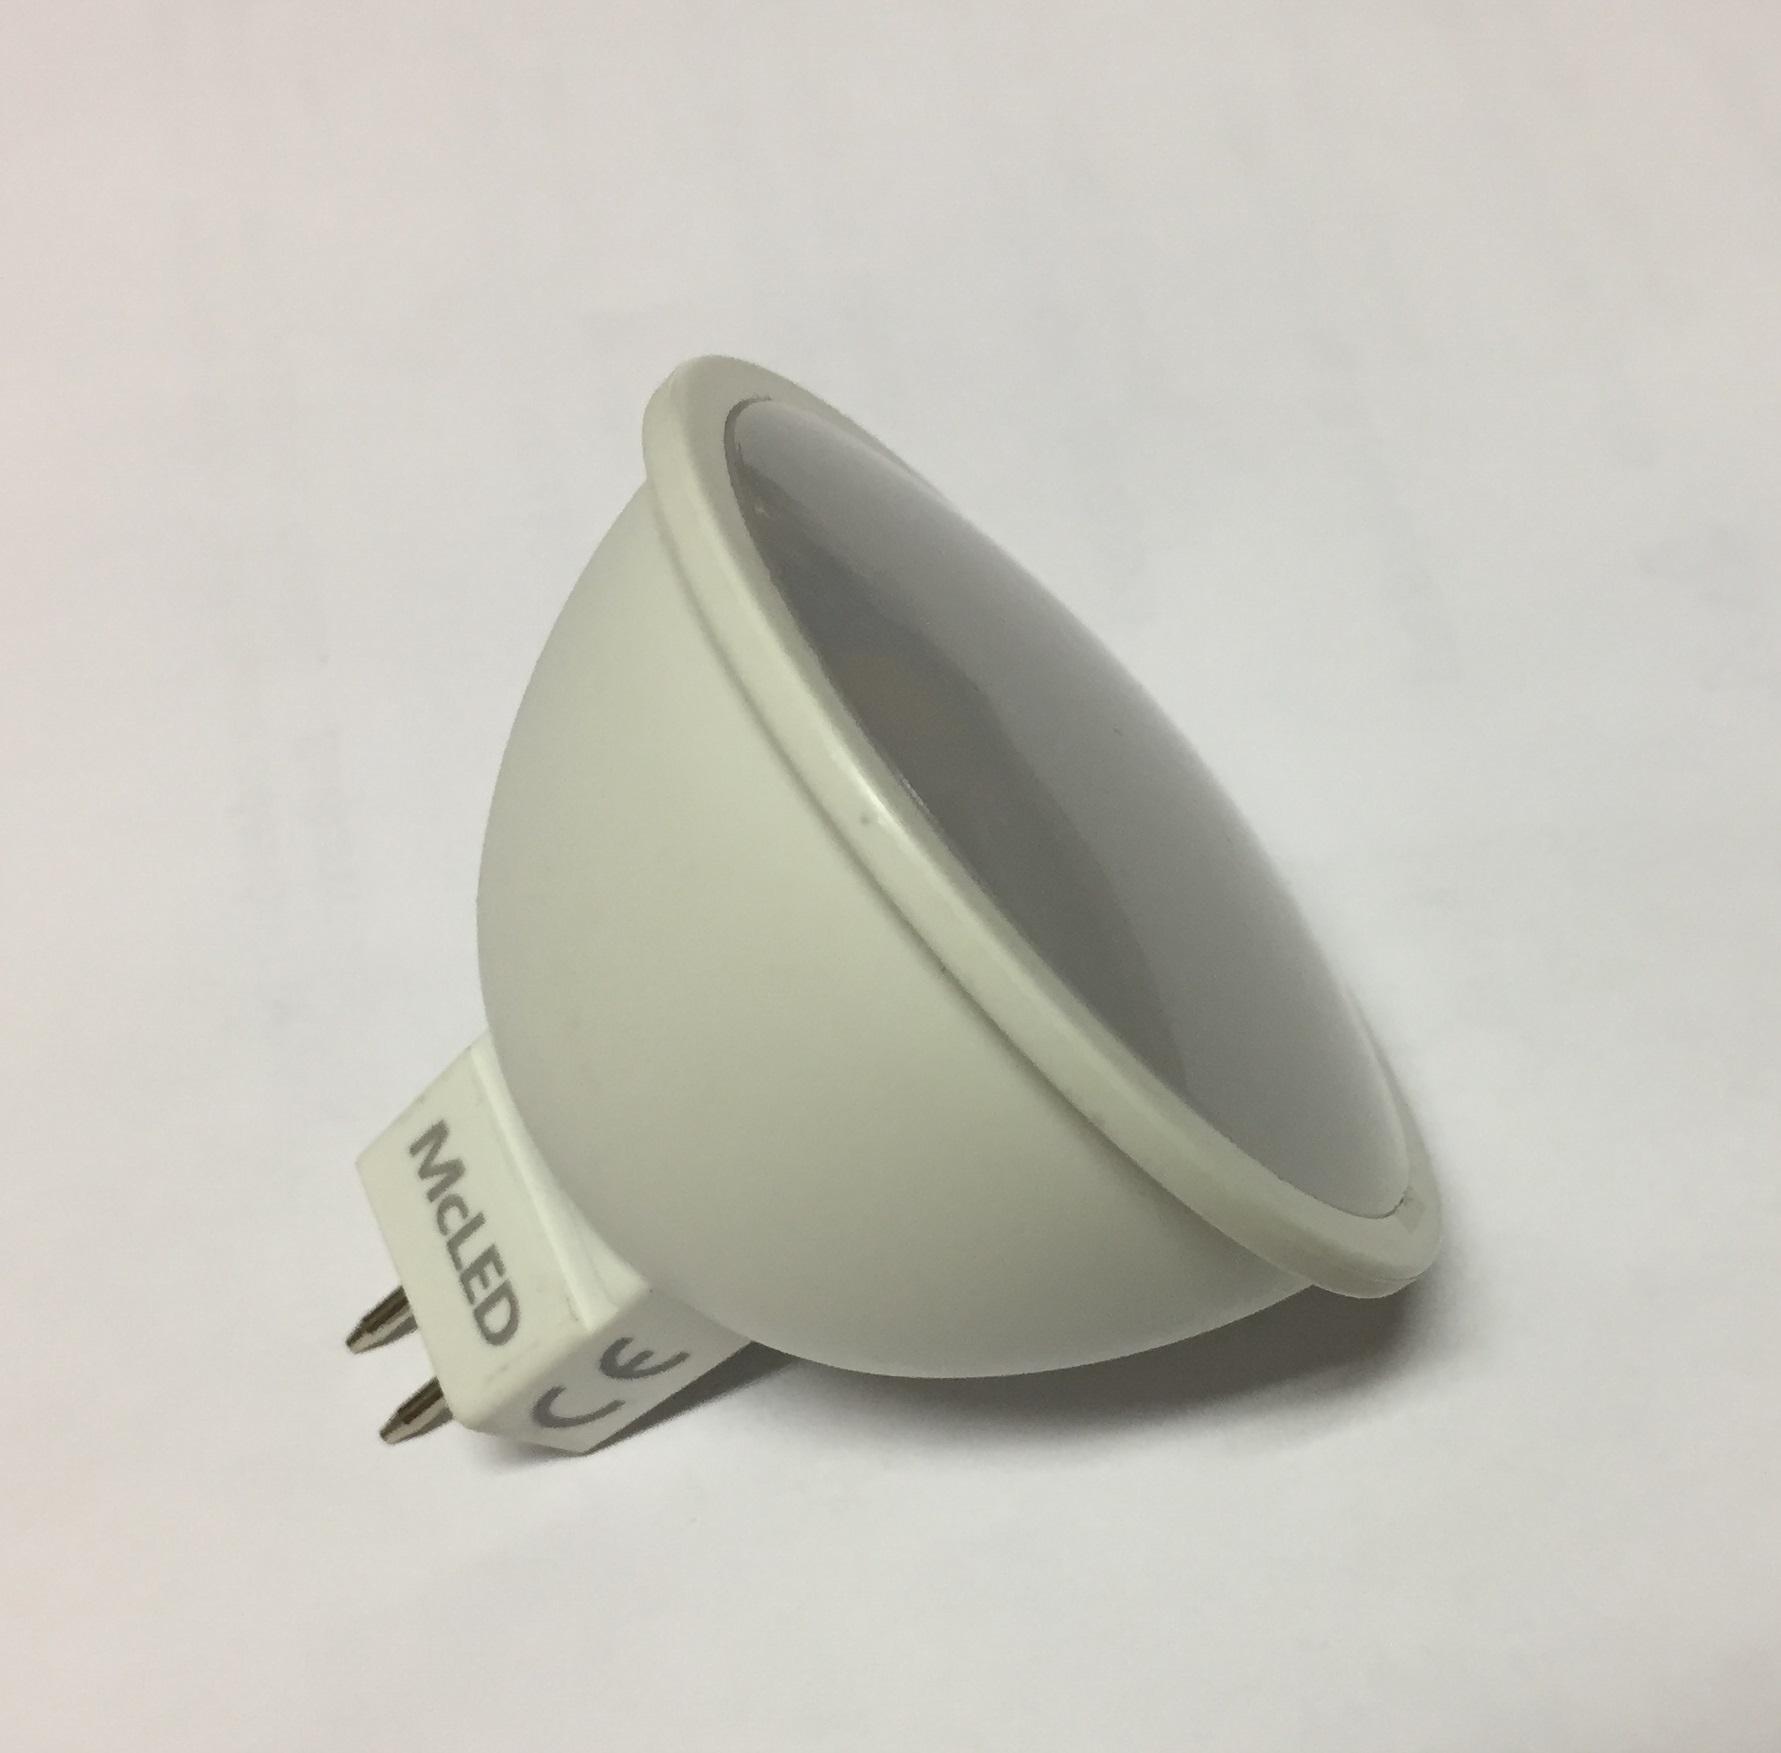 LED žárovka do halogenového svítidla s trafem 12V/4W/3000K, teplá bílá, patice GU5.3, nahrazuje 20W